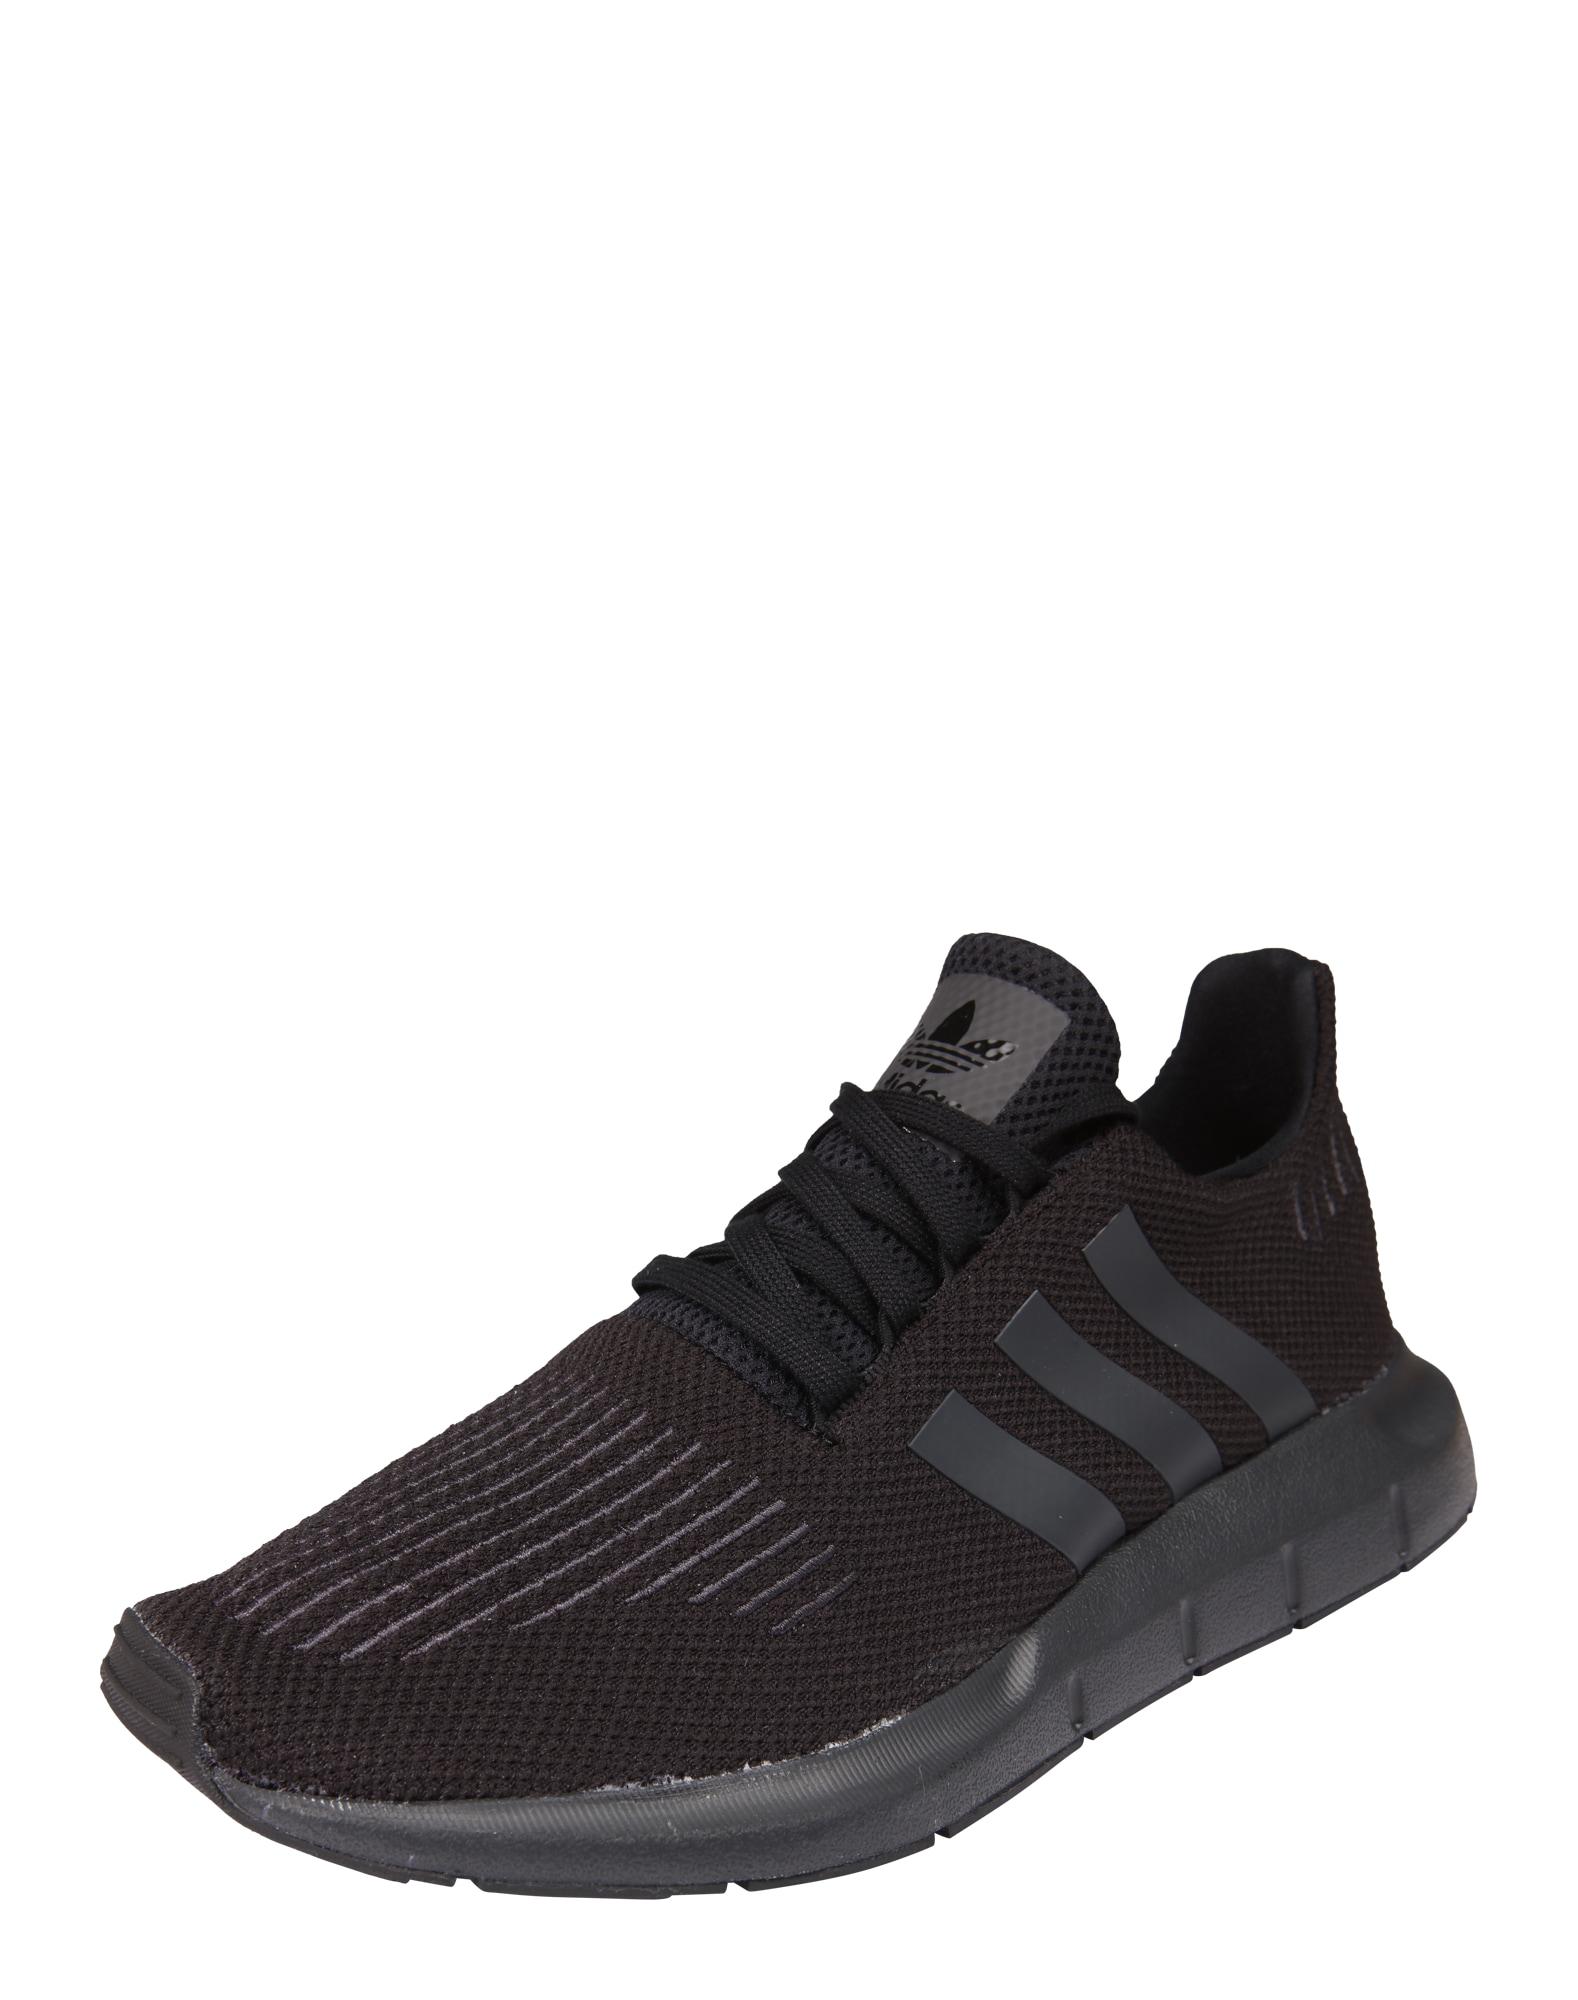 ADIDAS ORIGINALS, Heren Sneakers laag 'Swift Run', zwart